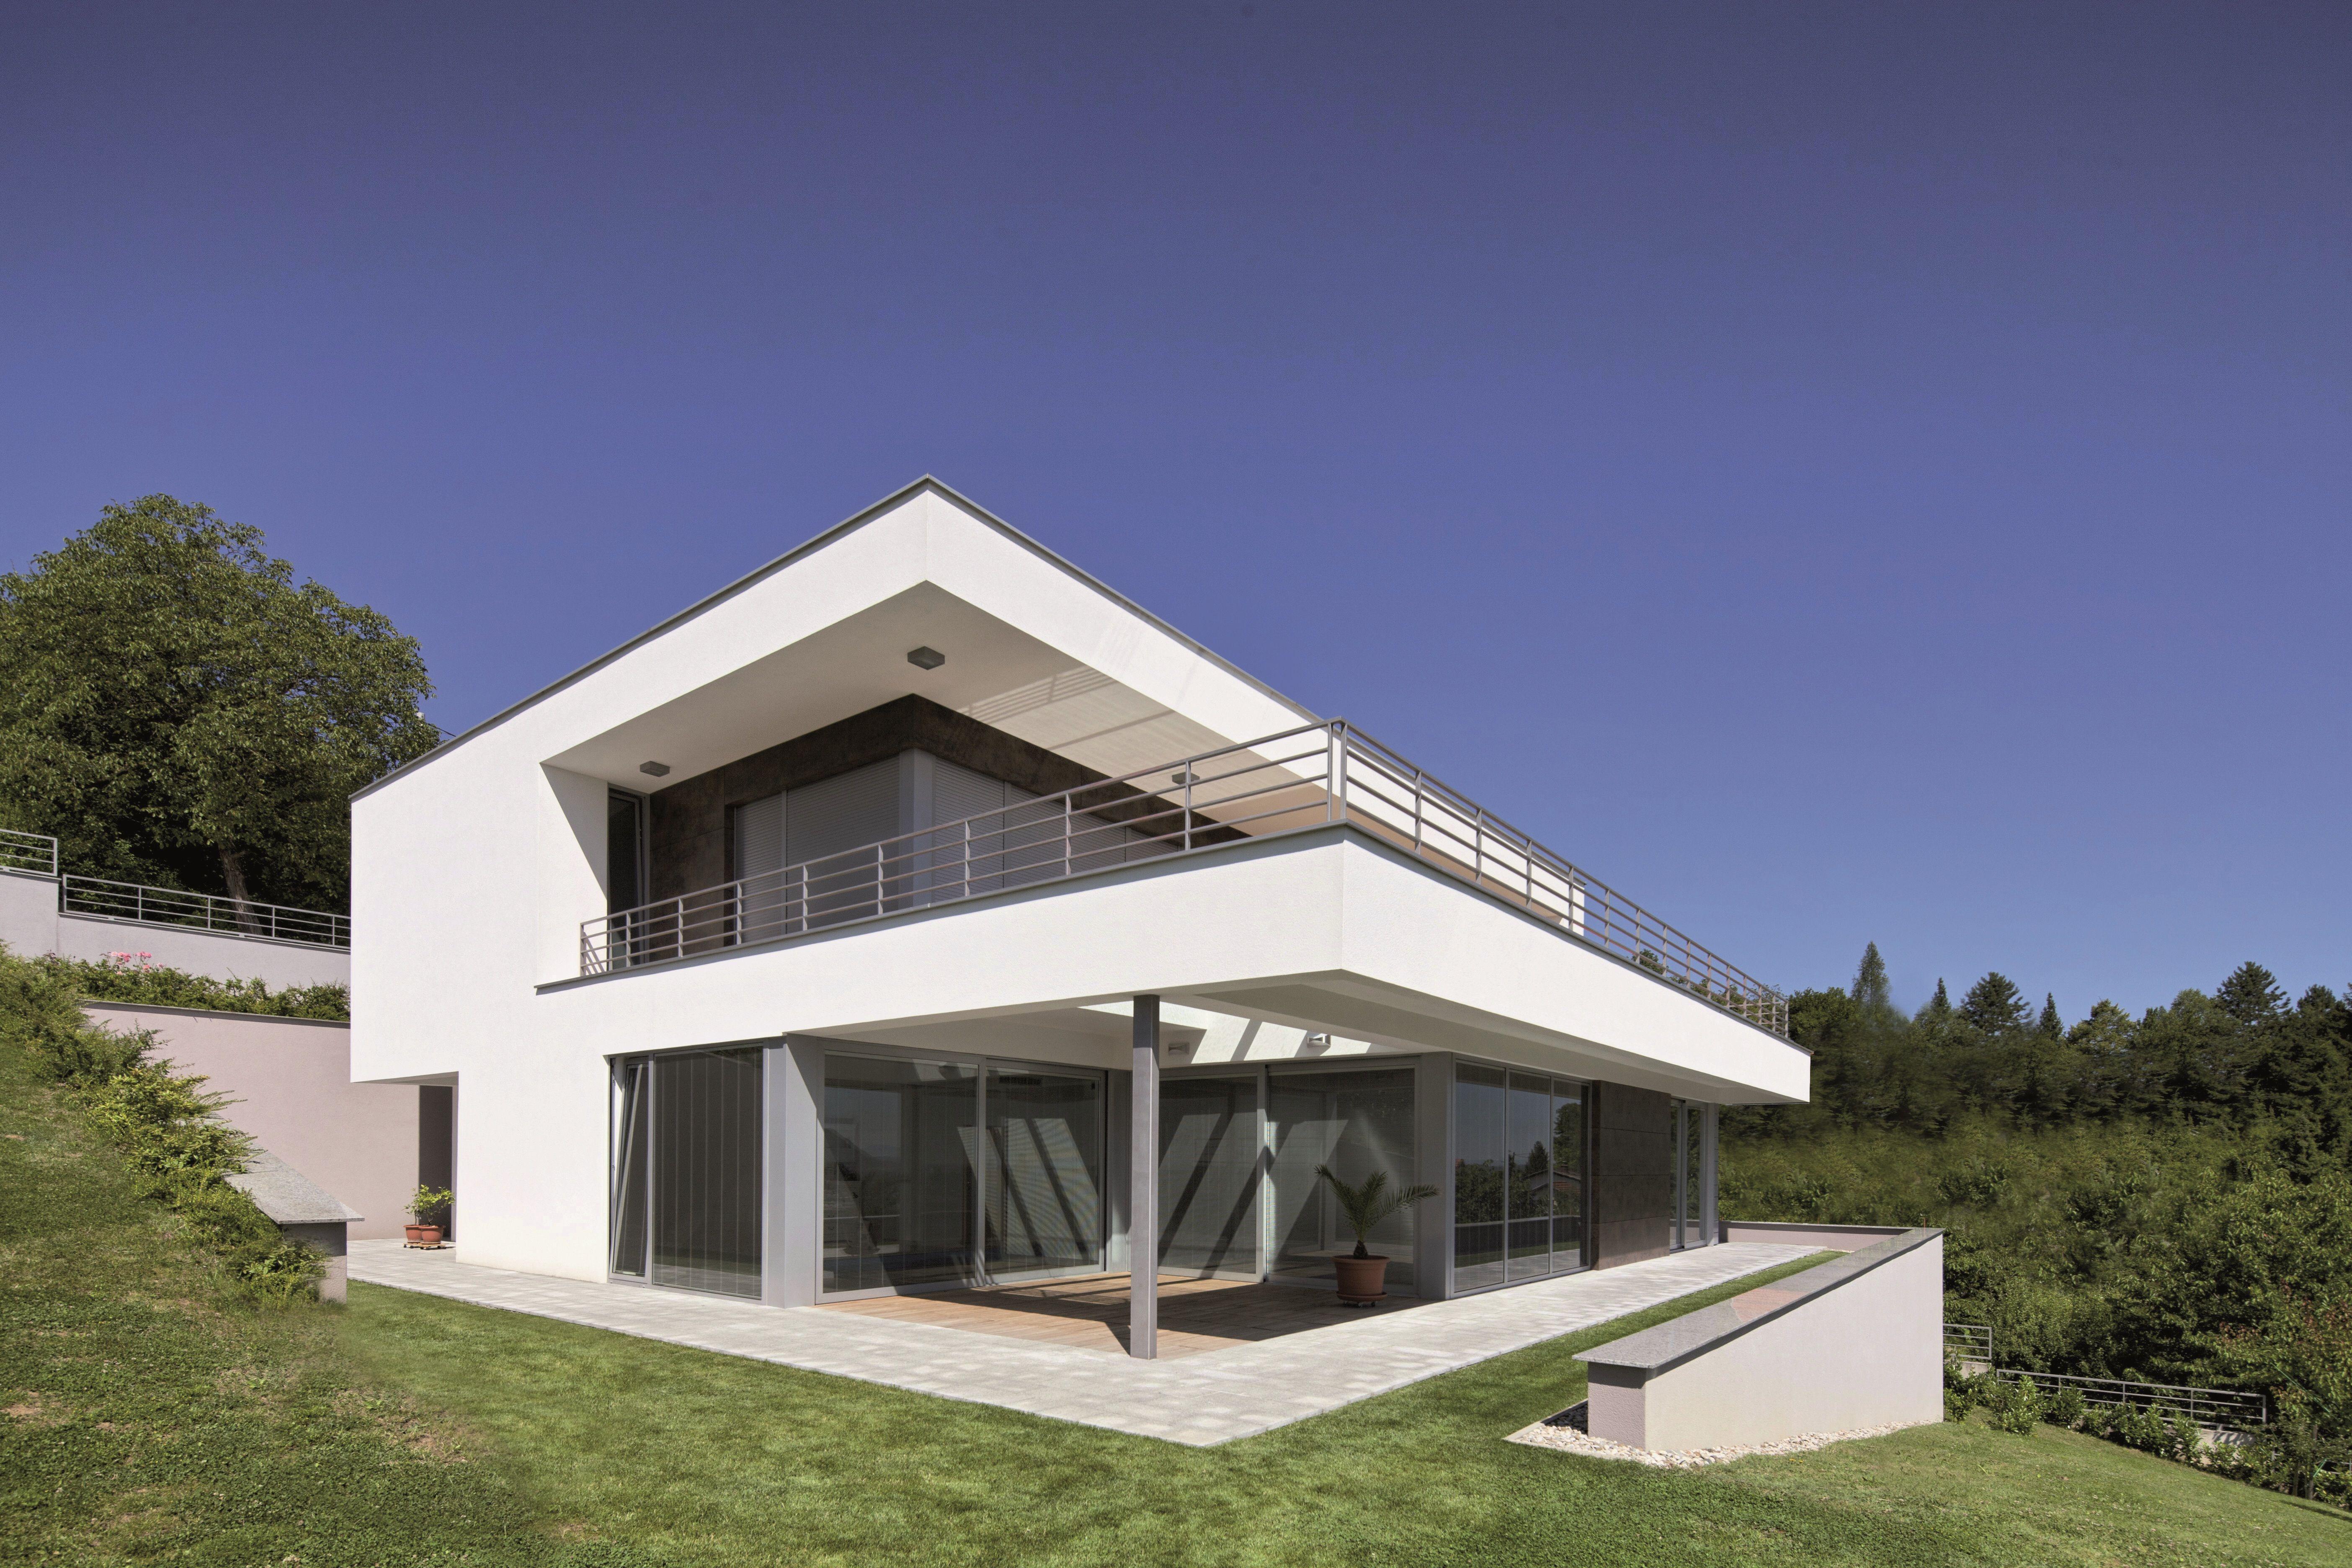 tetto piano , terrazza , vetrate | Esterni | Pinterest | Facade ...